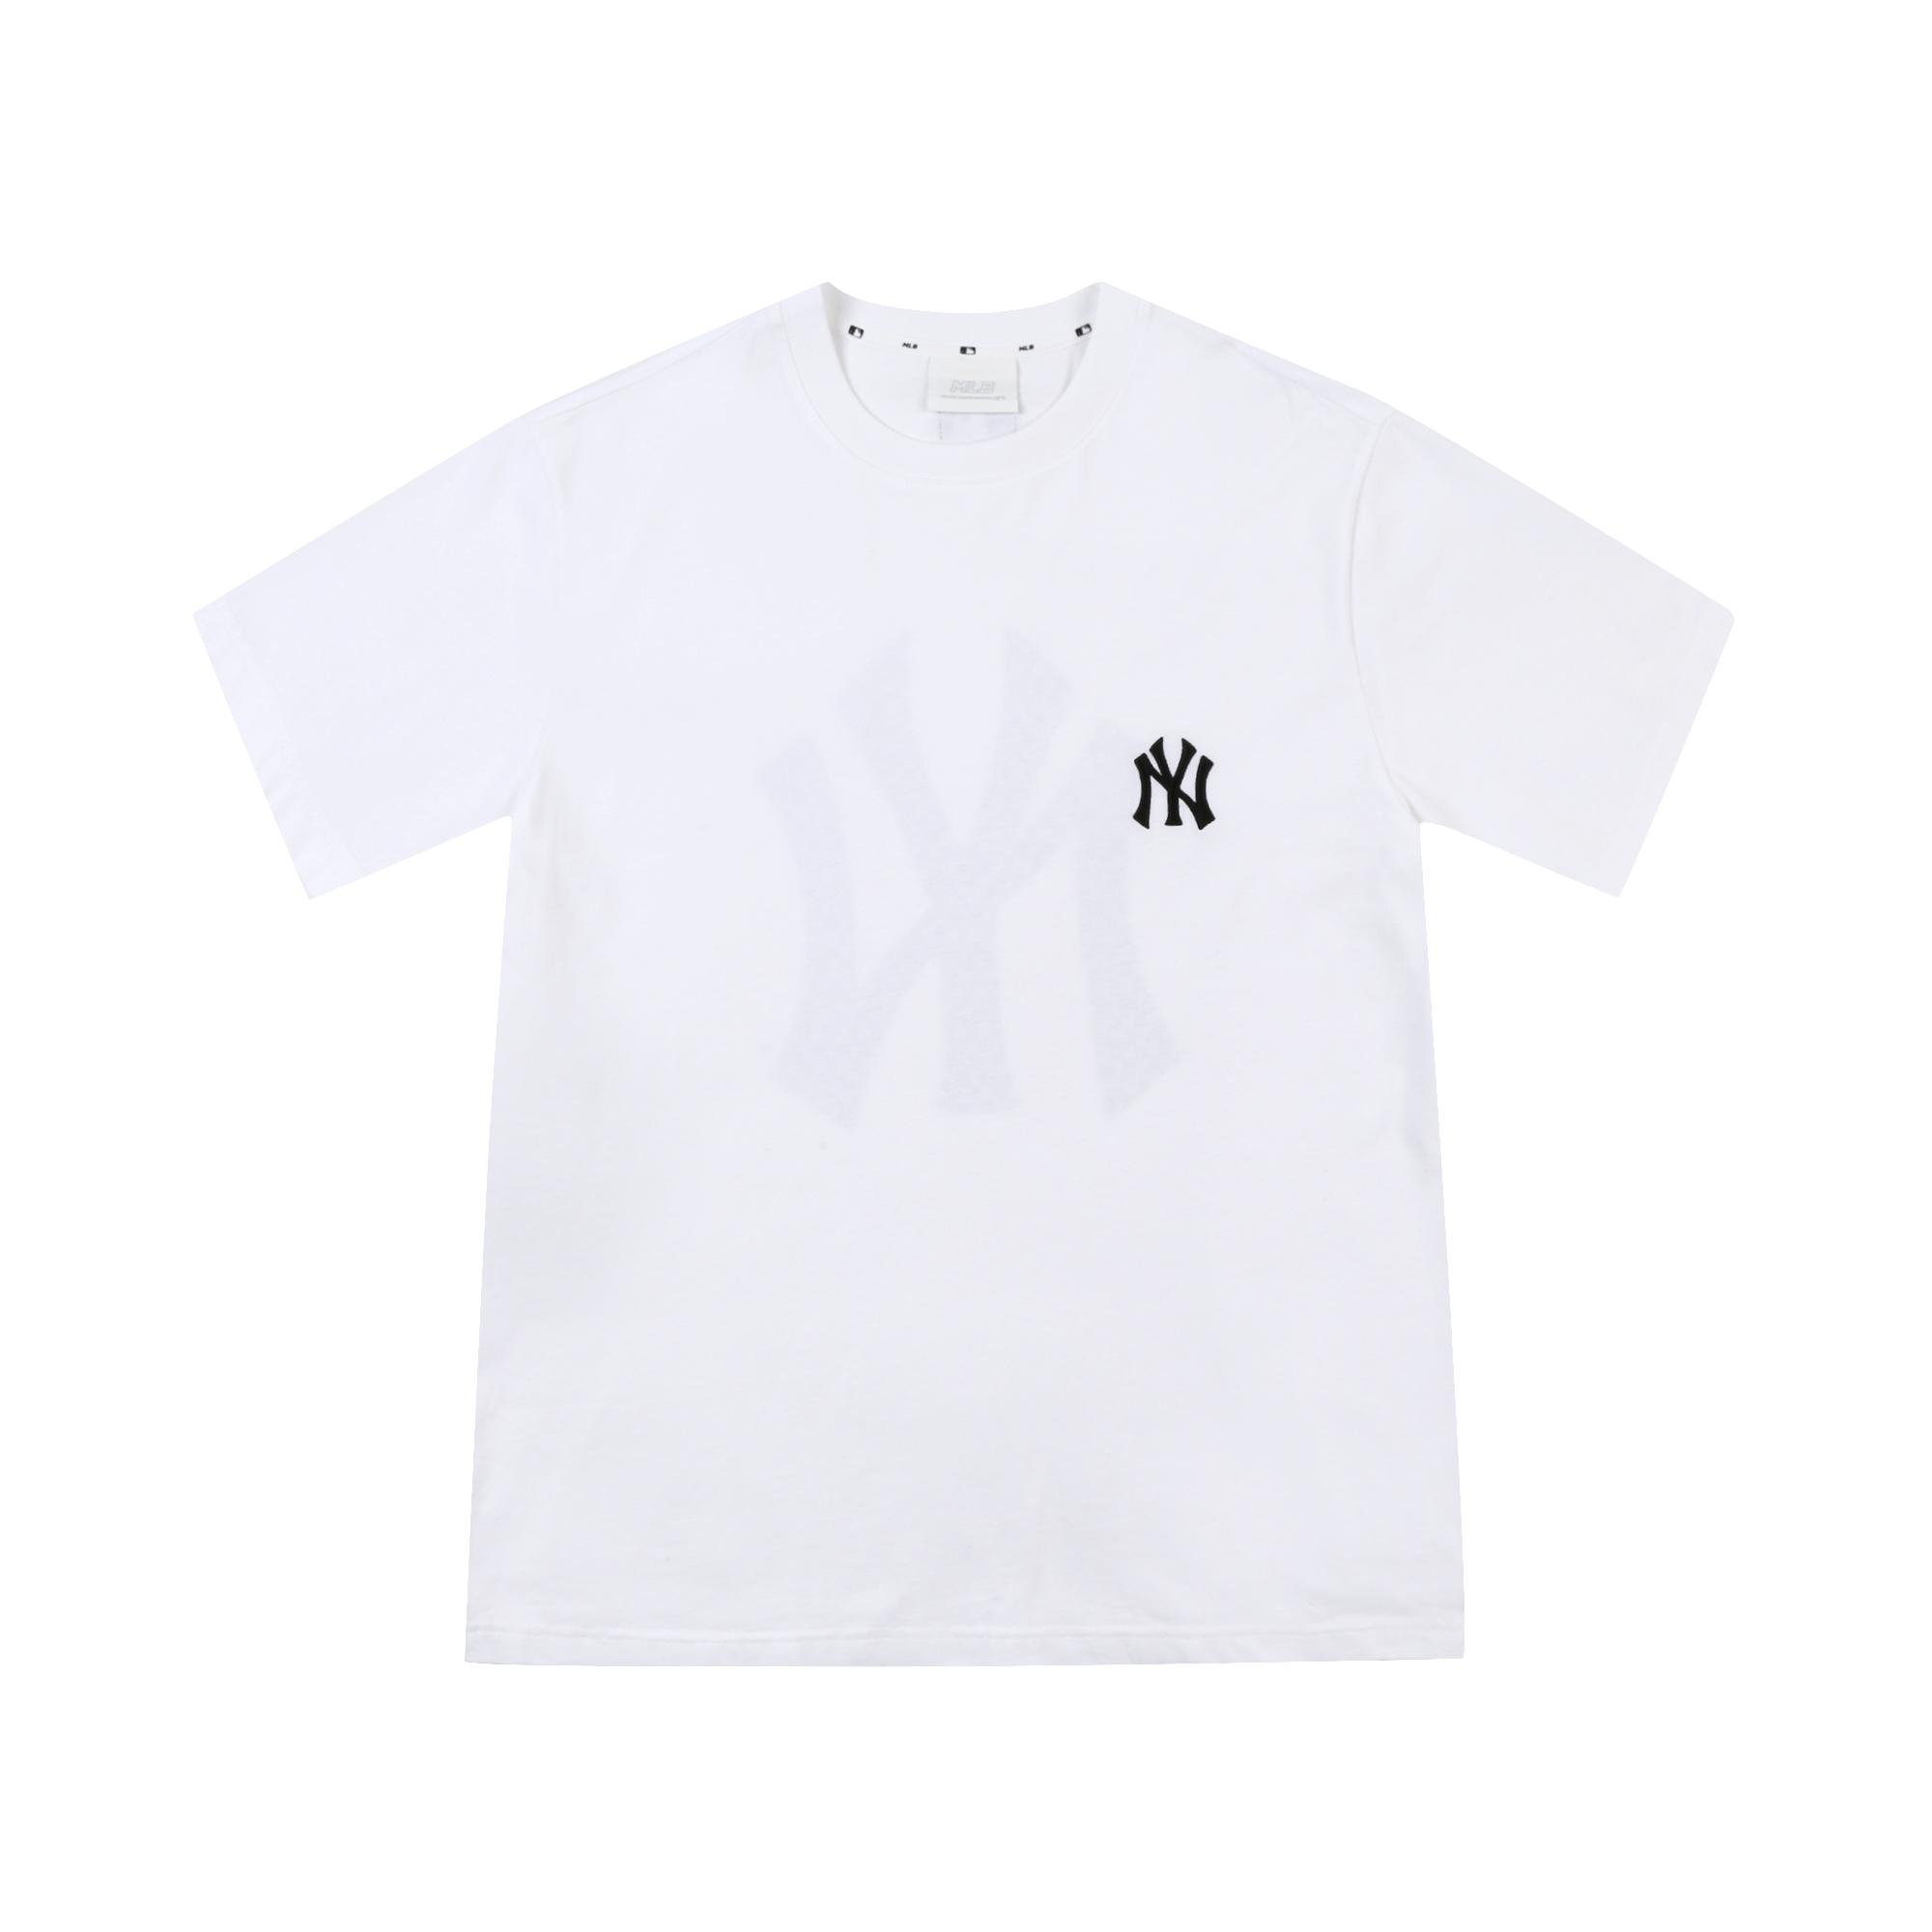 [해외전용] 모노그램 빅로고 반팔 티셔츠 뉴욕양키스